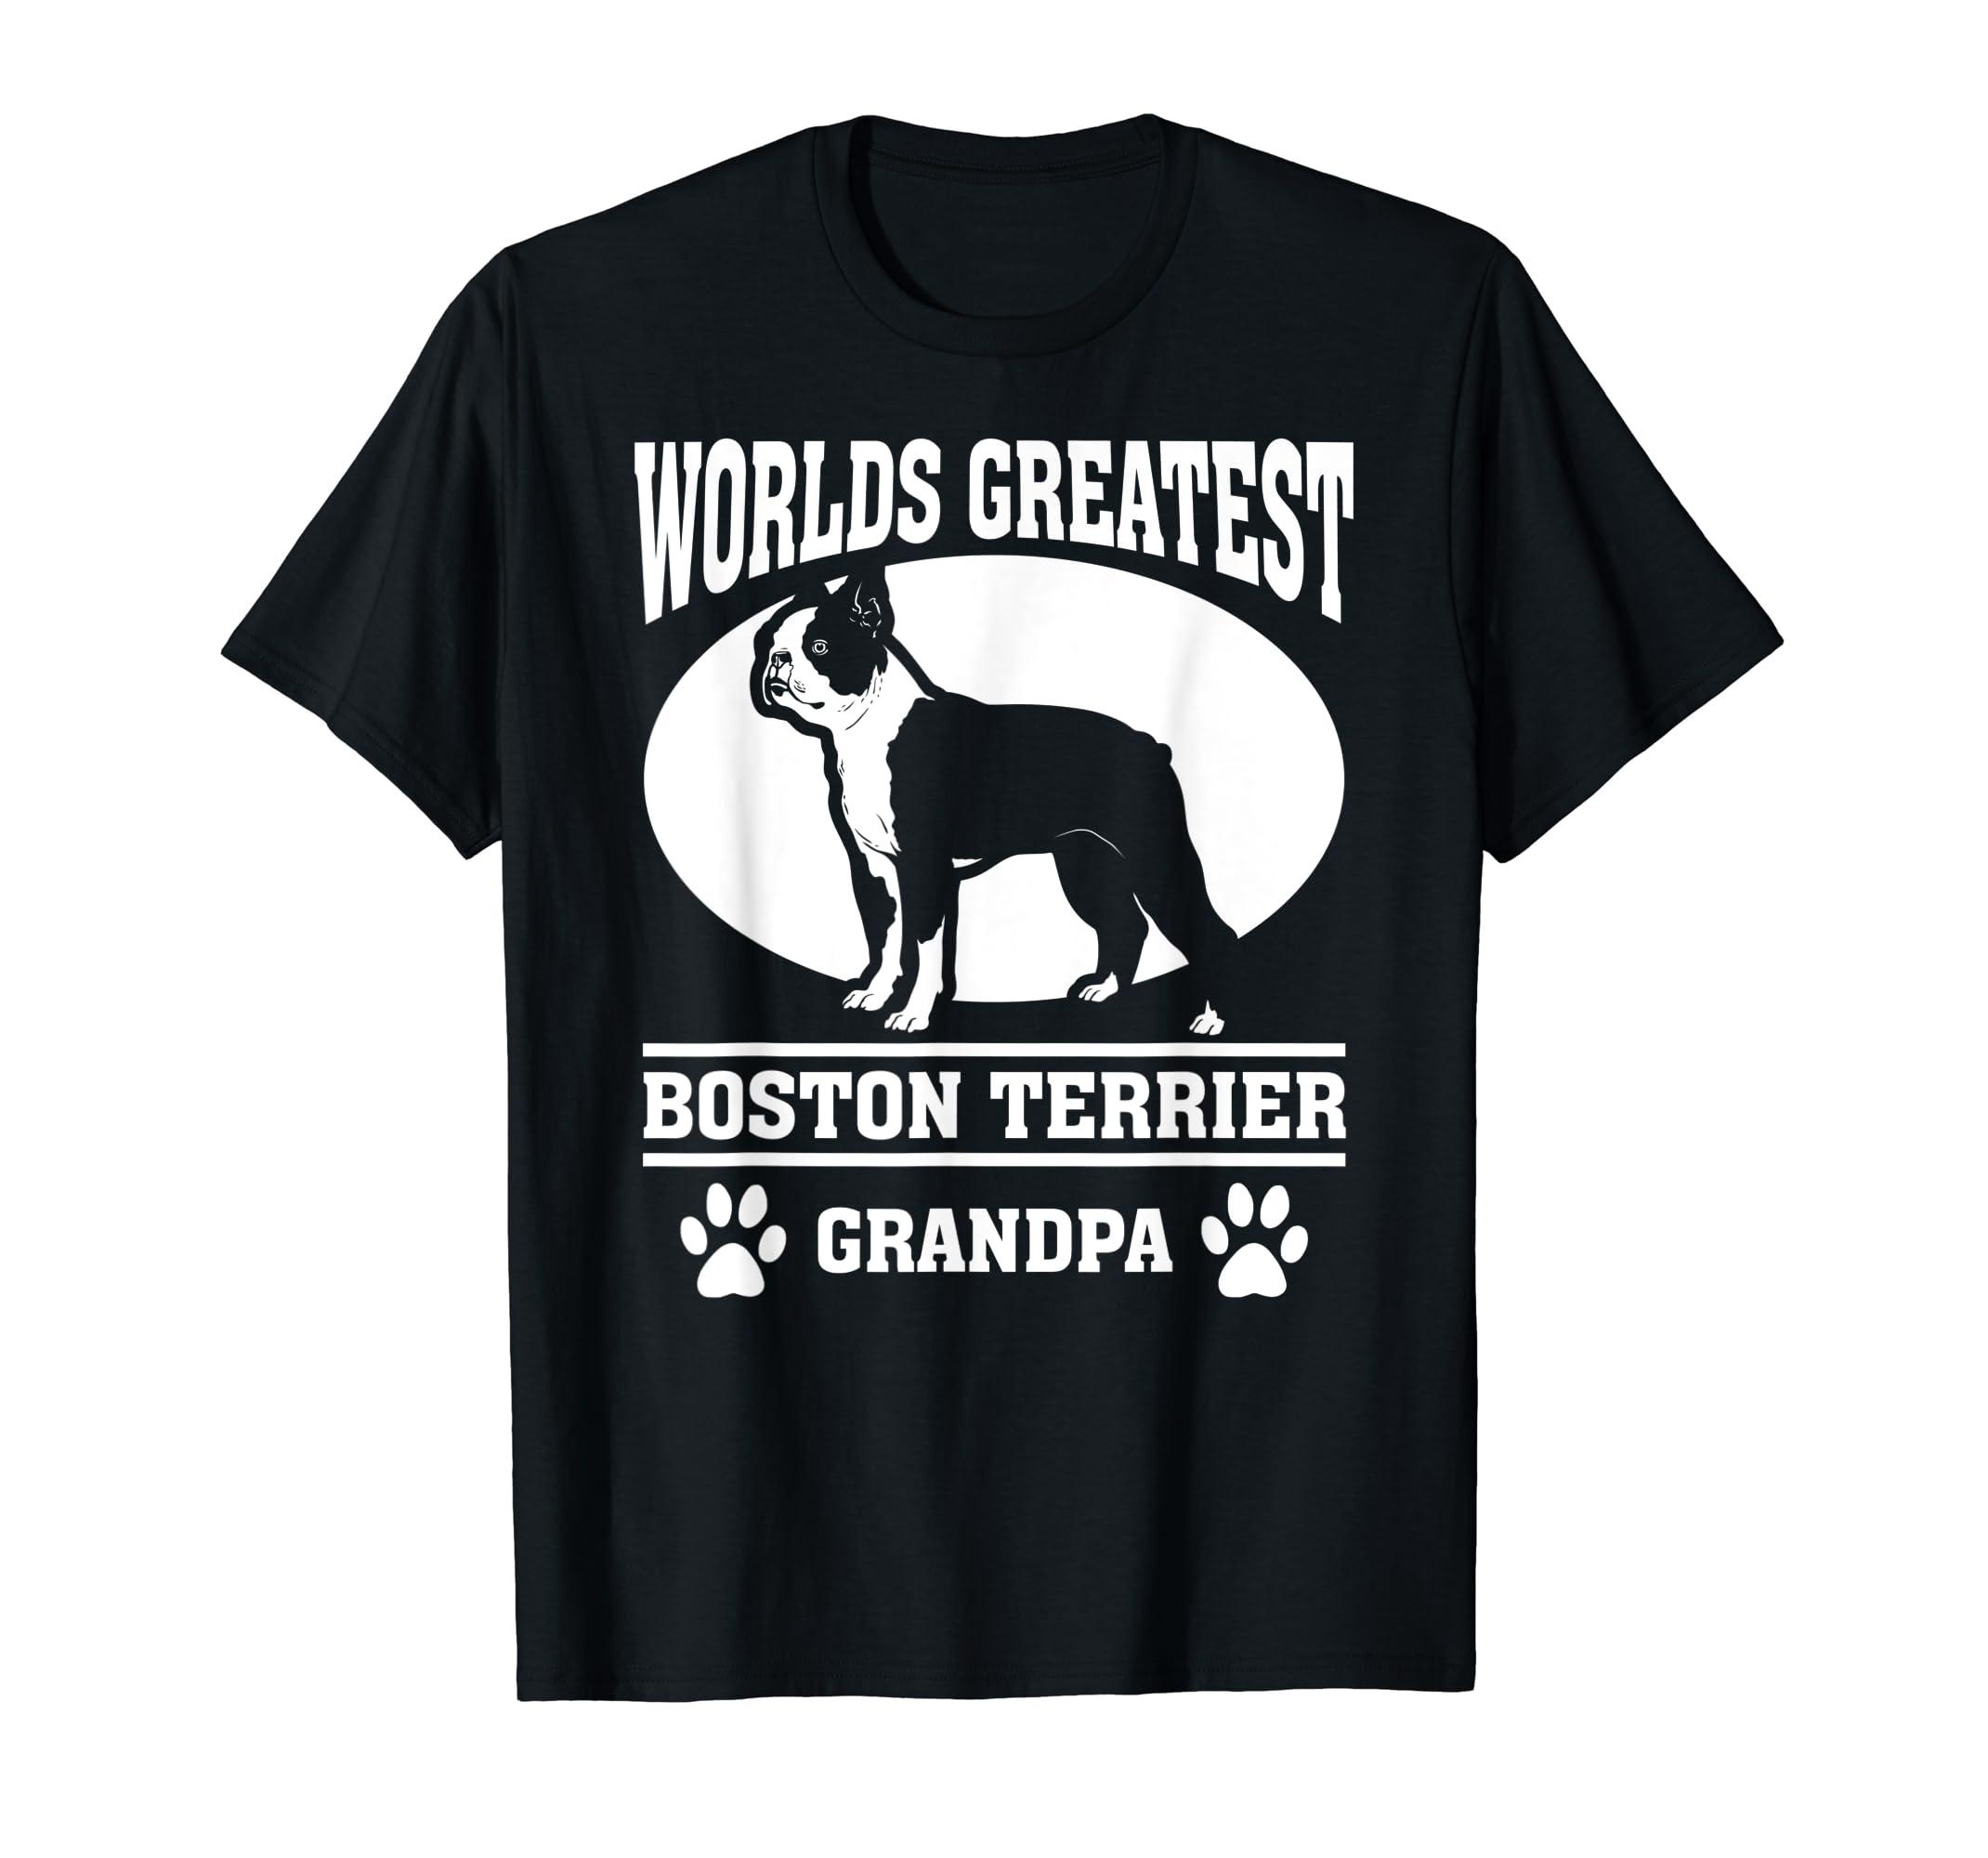 Mens Worlds Greatest Boston Terrier Grandpa T-shirt-Men's T-Shirt-Black